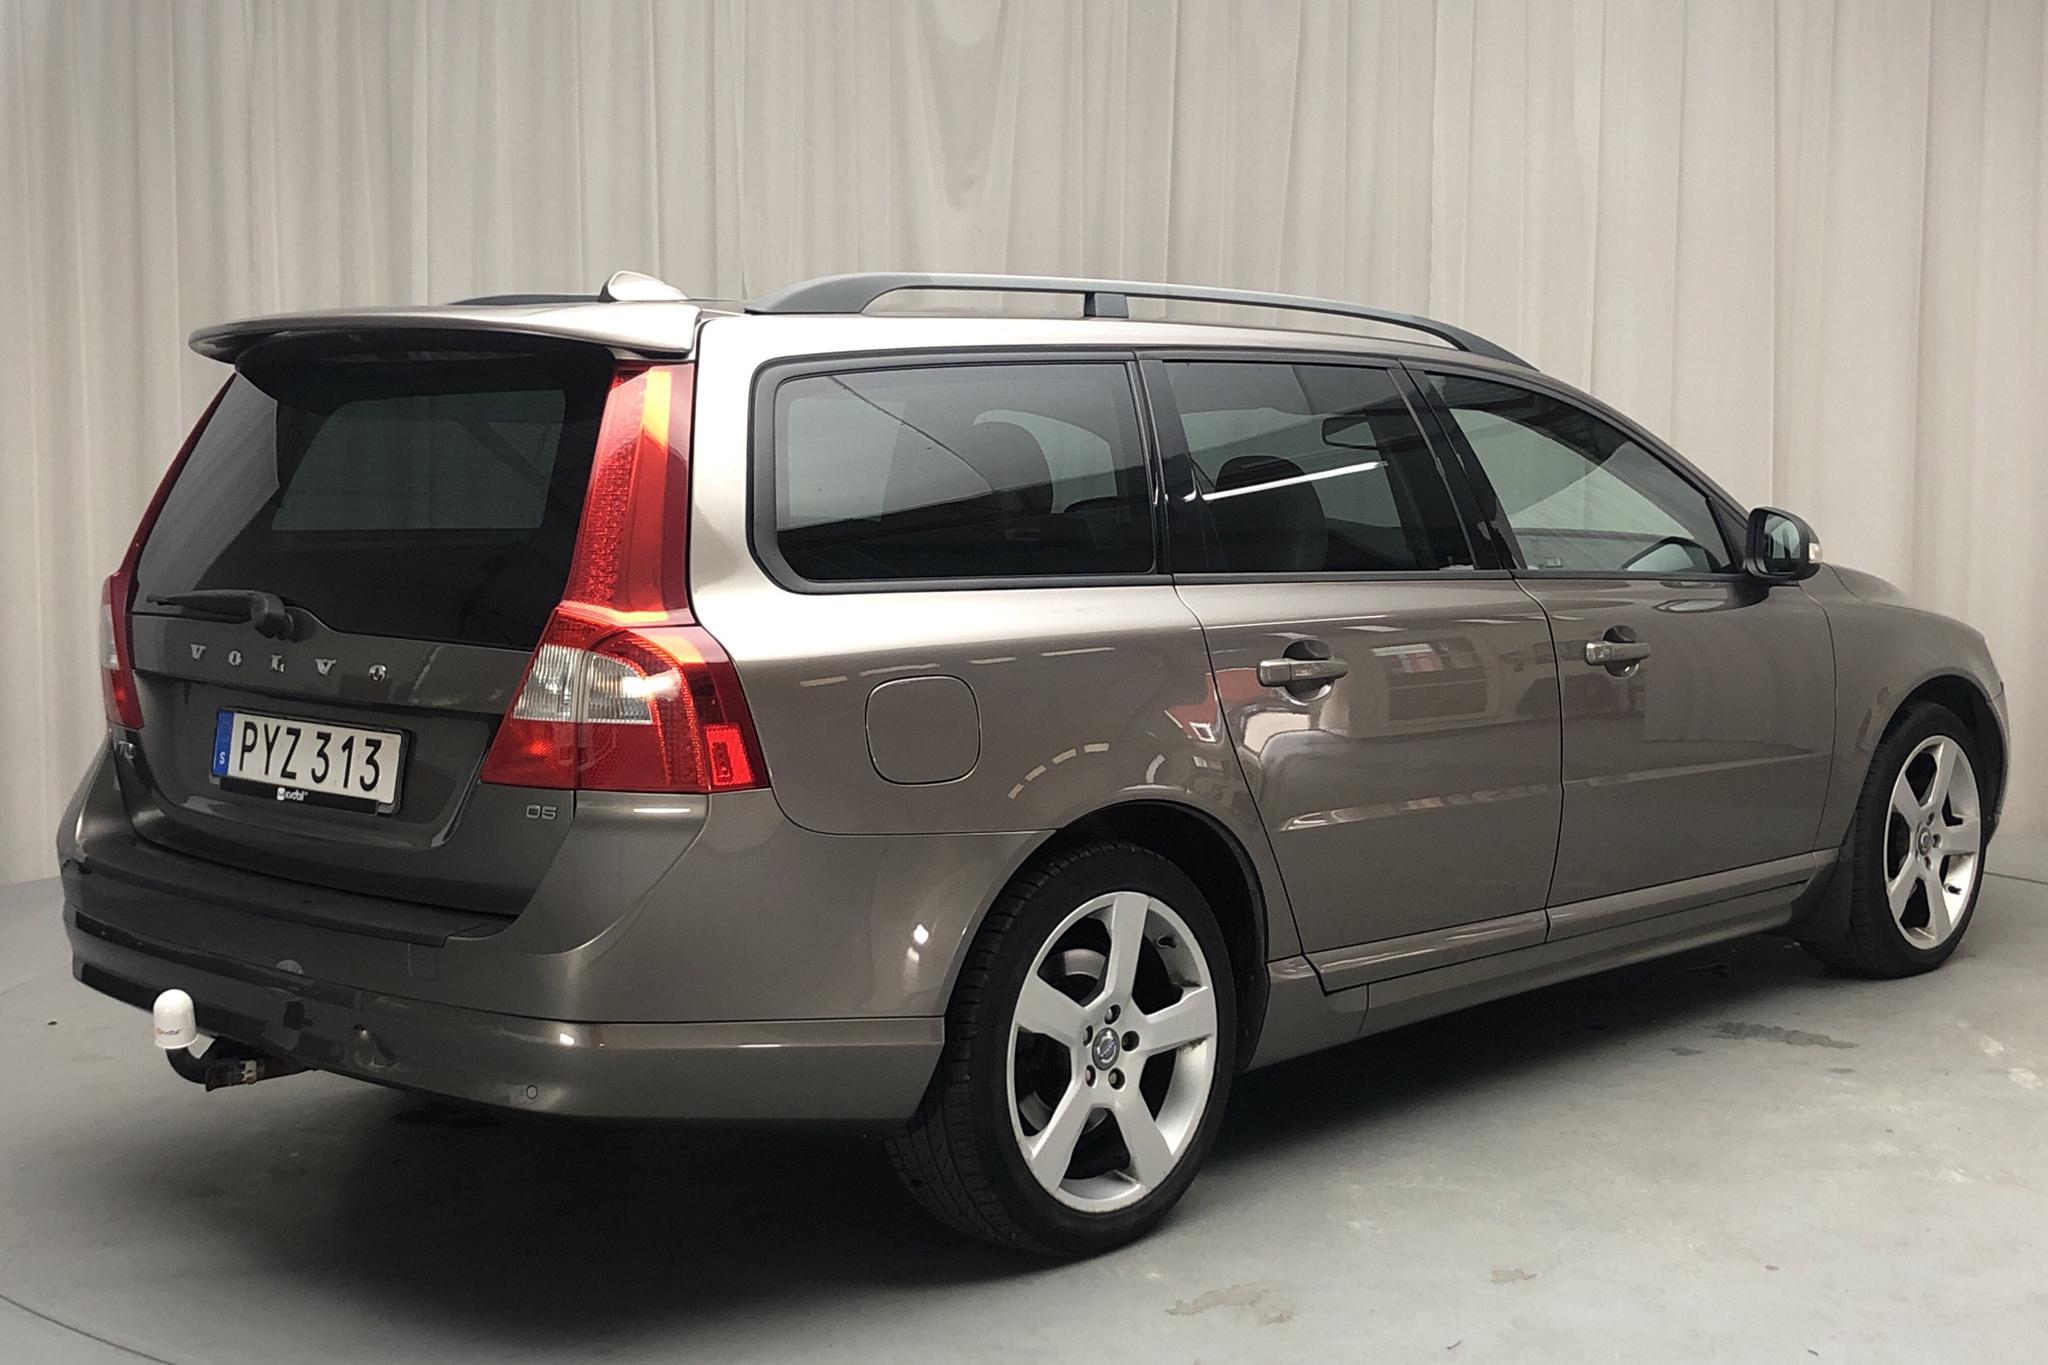 Volvo V70 II D5 (185hk) - 198 730 km - Manual - gray - 2008